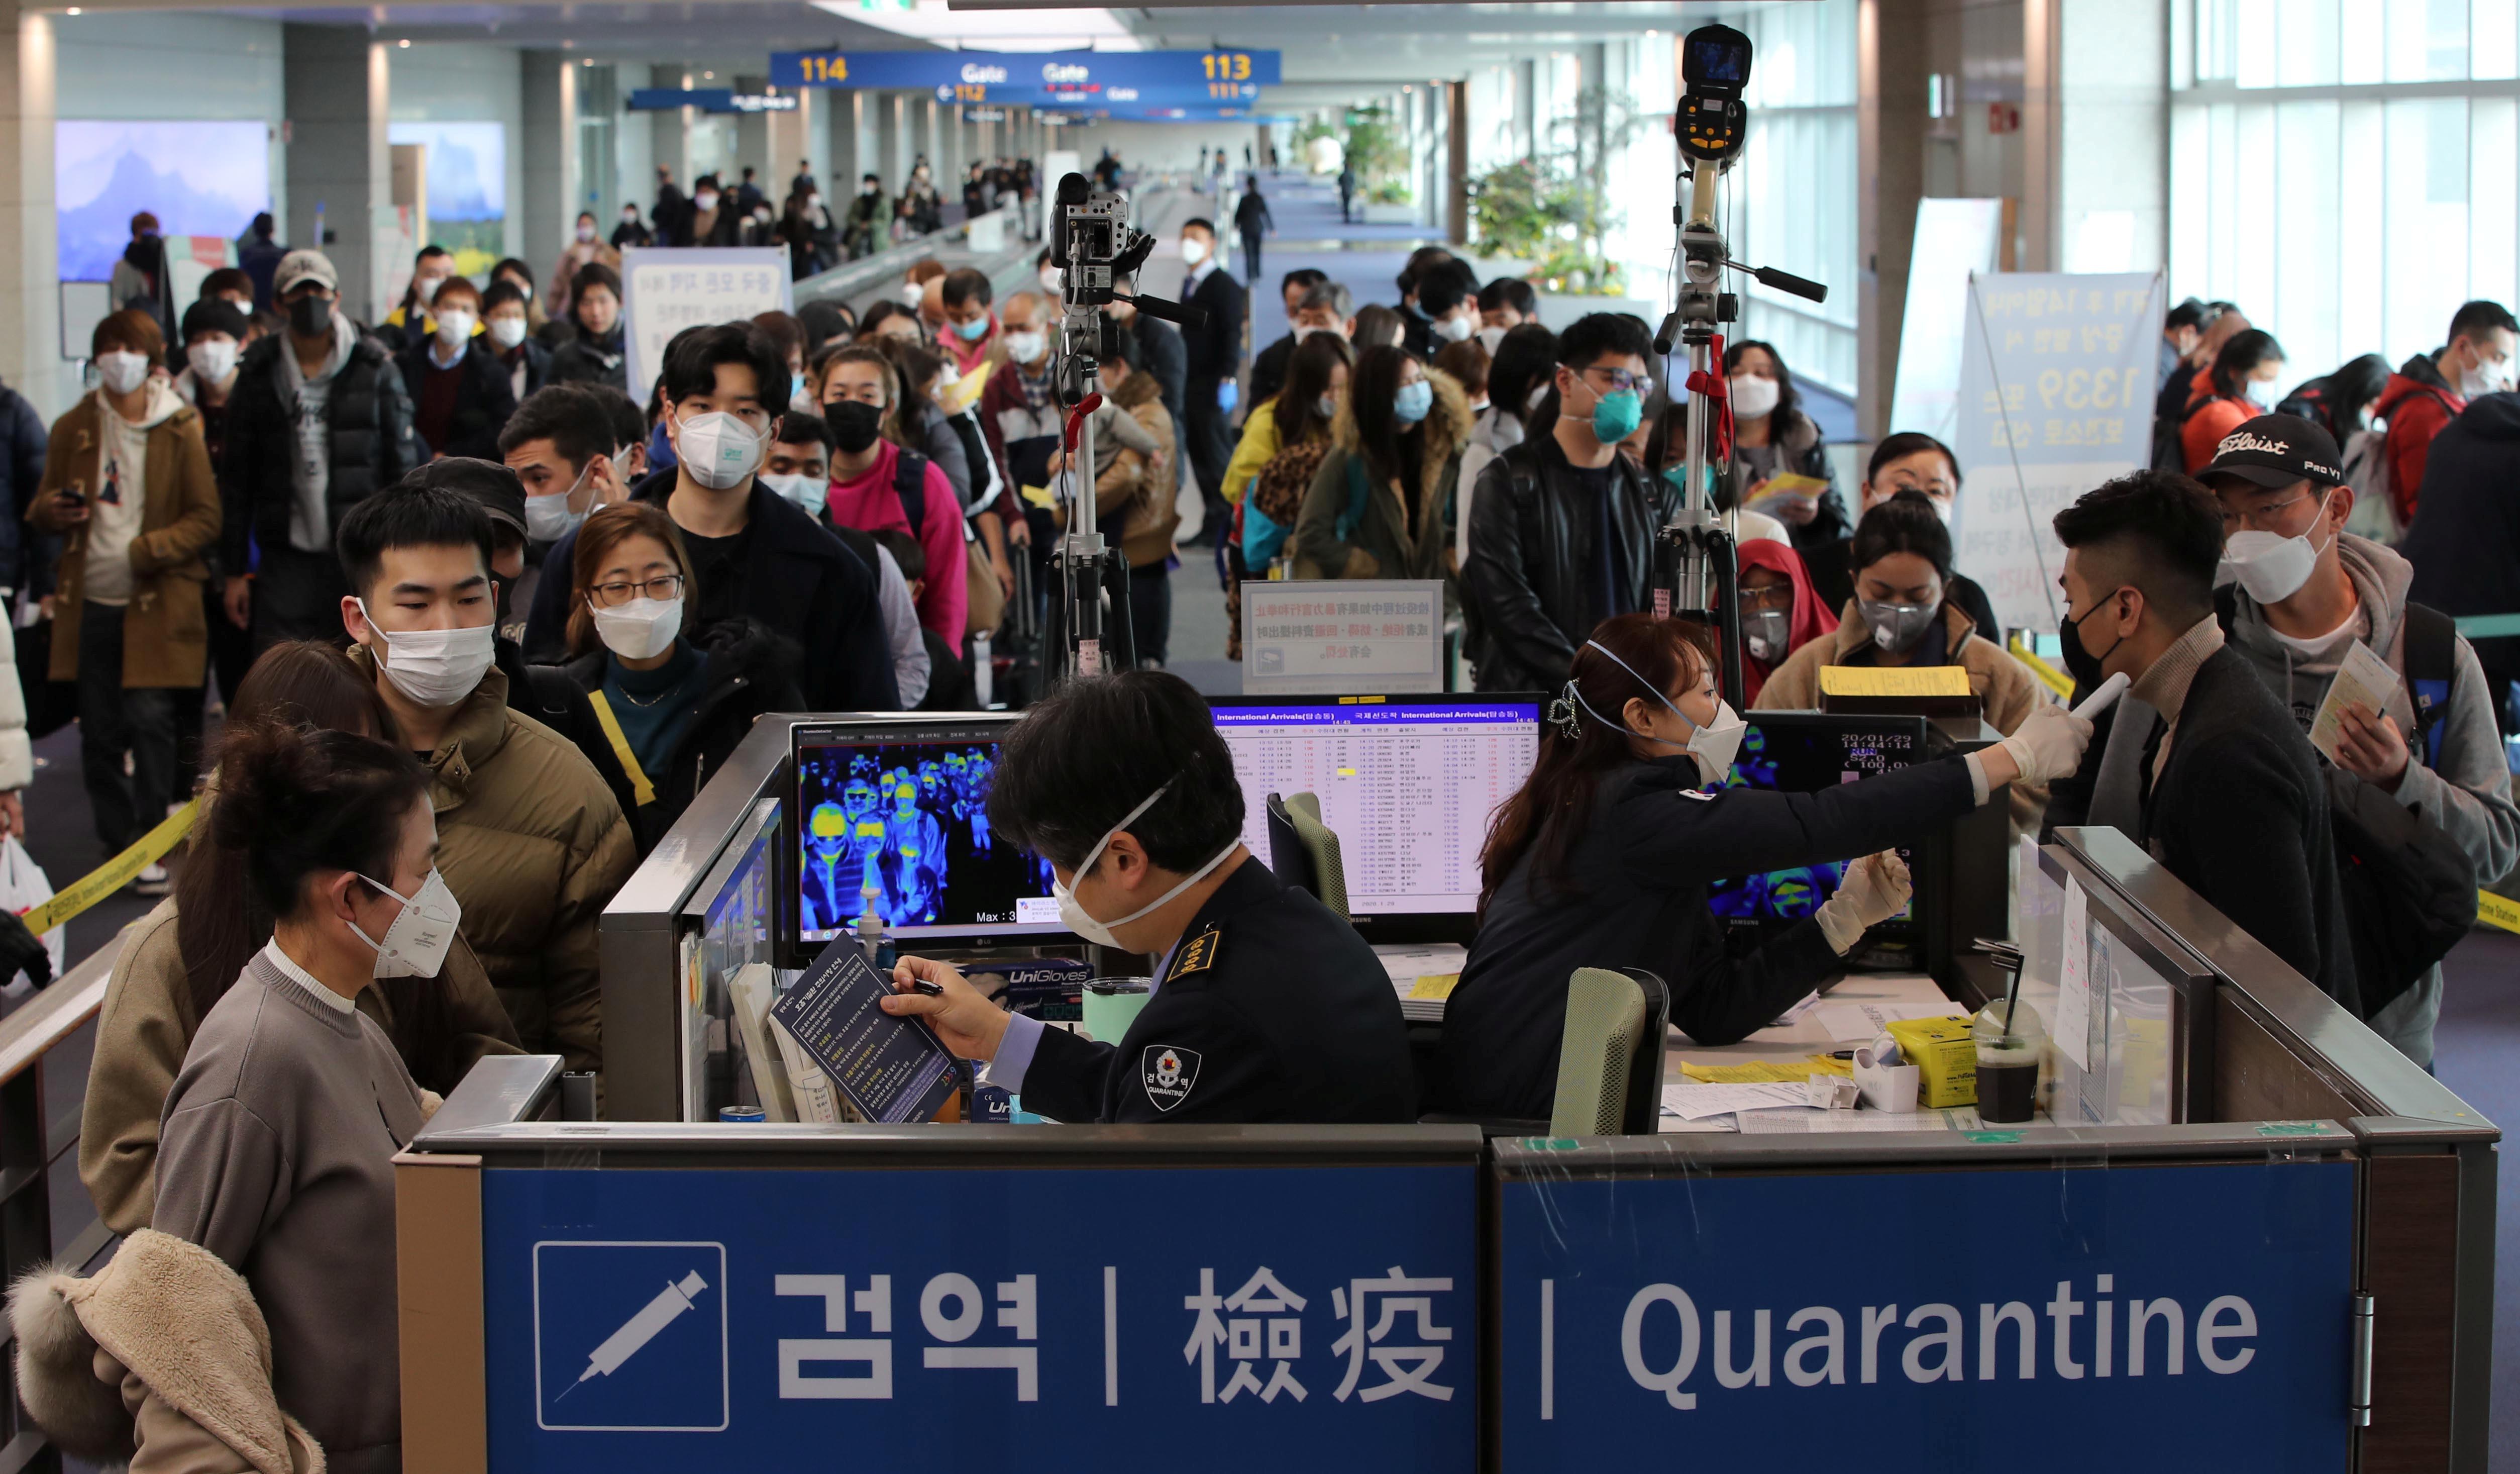 ▲▼大批中國遊客戴著口罩,準備從南韓人川機場入境(圖/路透社)